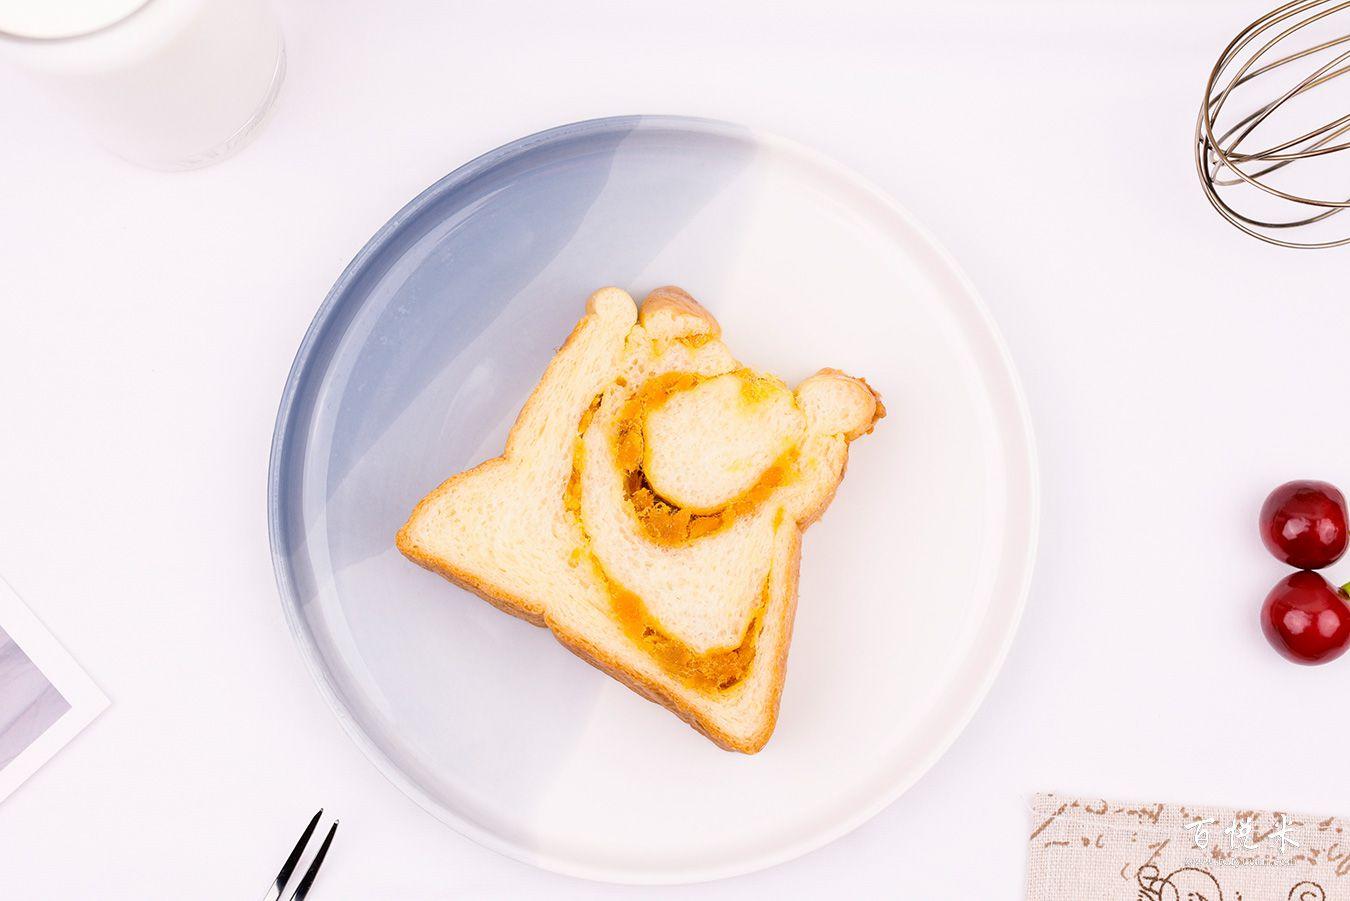 肉松吐司面包高清图片大全【蛋糕图片】_337